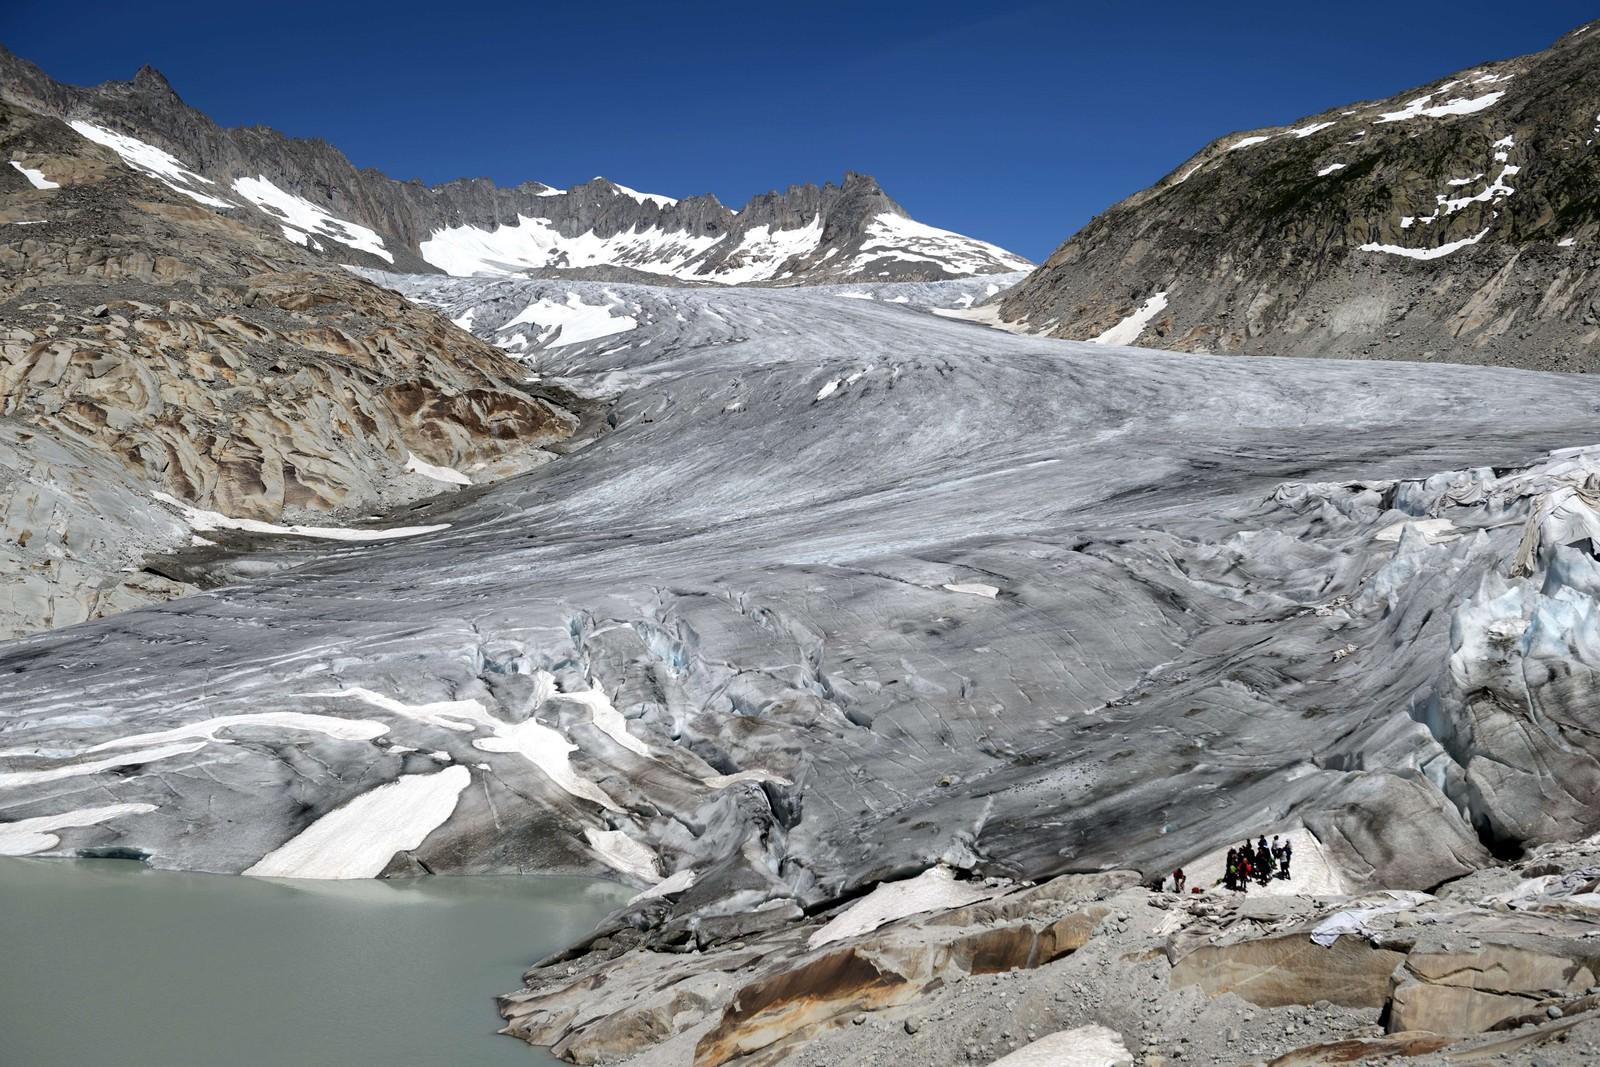 Rhonebreen er eit turistmål i Sveits, men mykje smelting har først til at store deler av breen no vert dekka av dukar som skal beskytte isen.